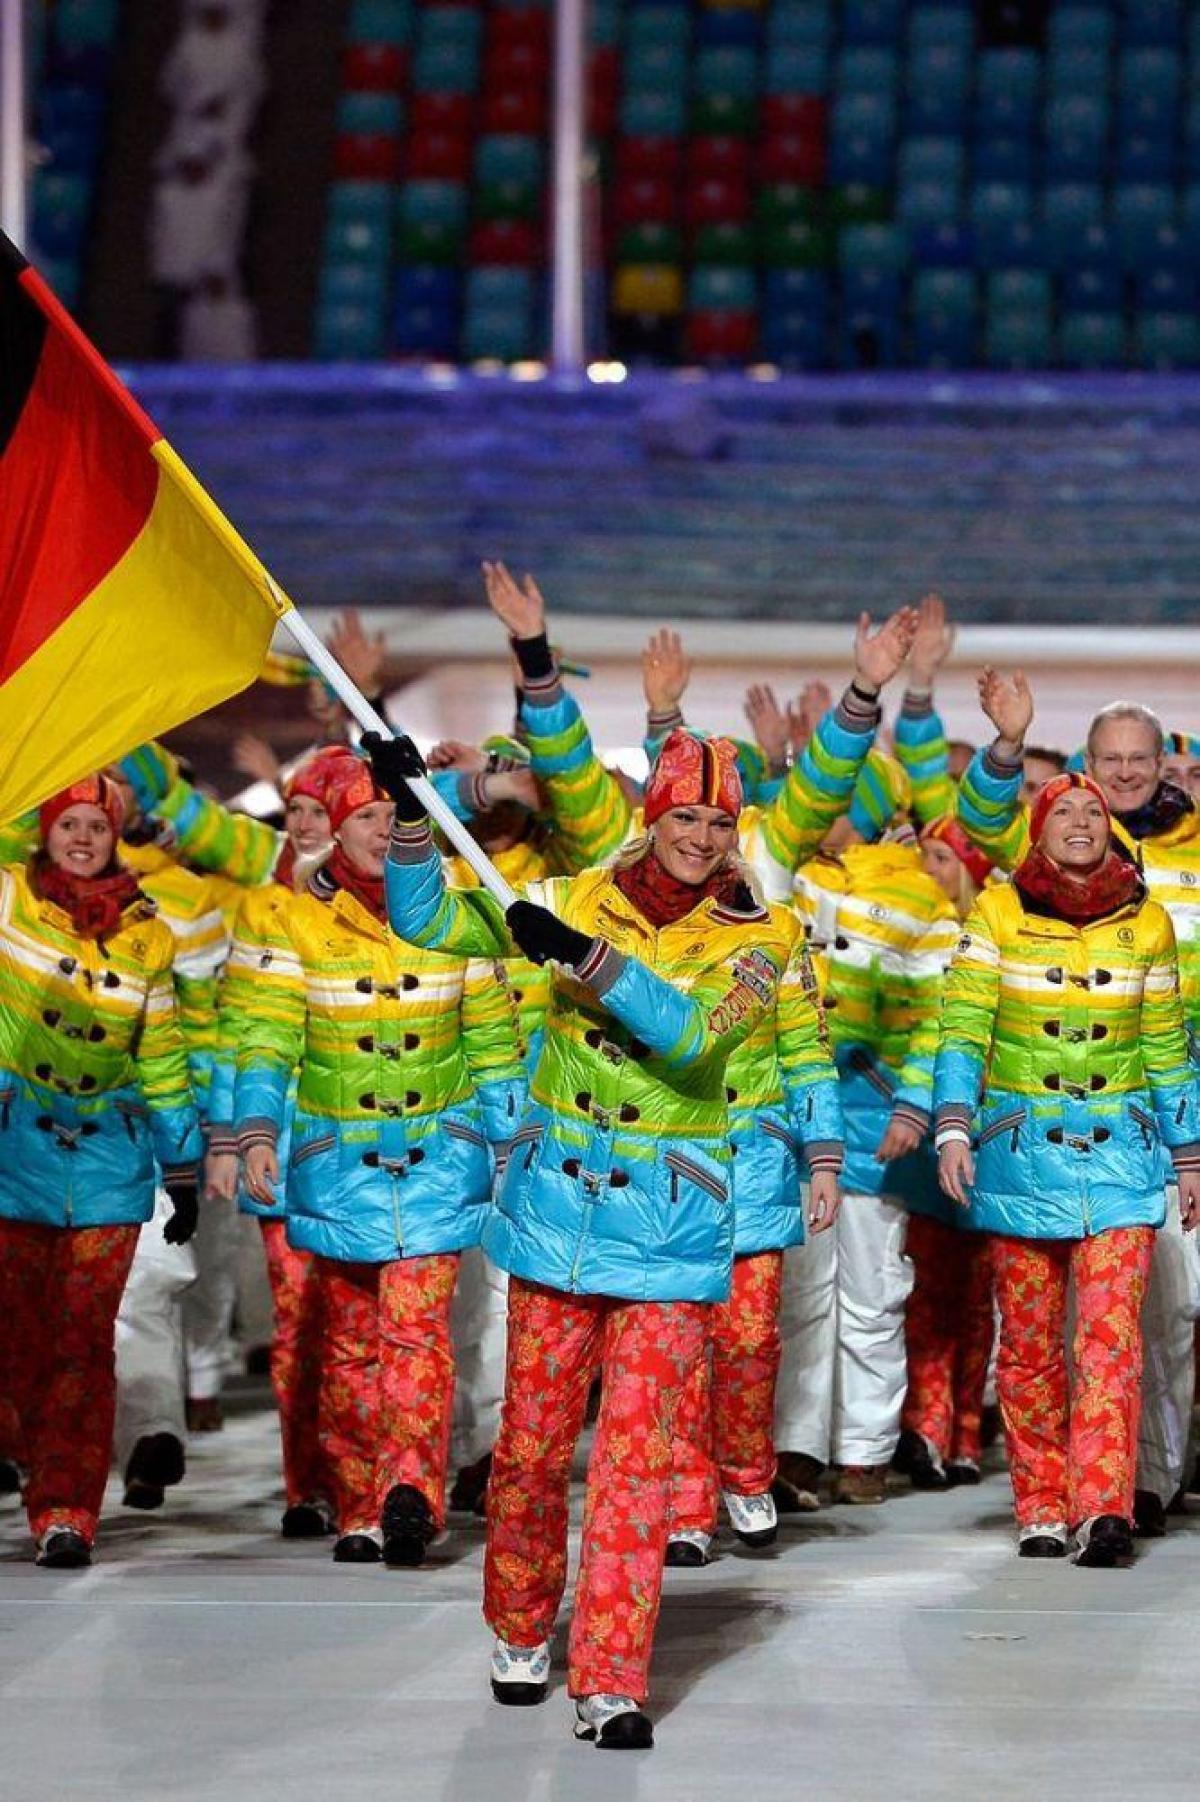 Trang phục ủng hộ cộng đồng LGBT của đội tuyển Đức.